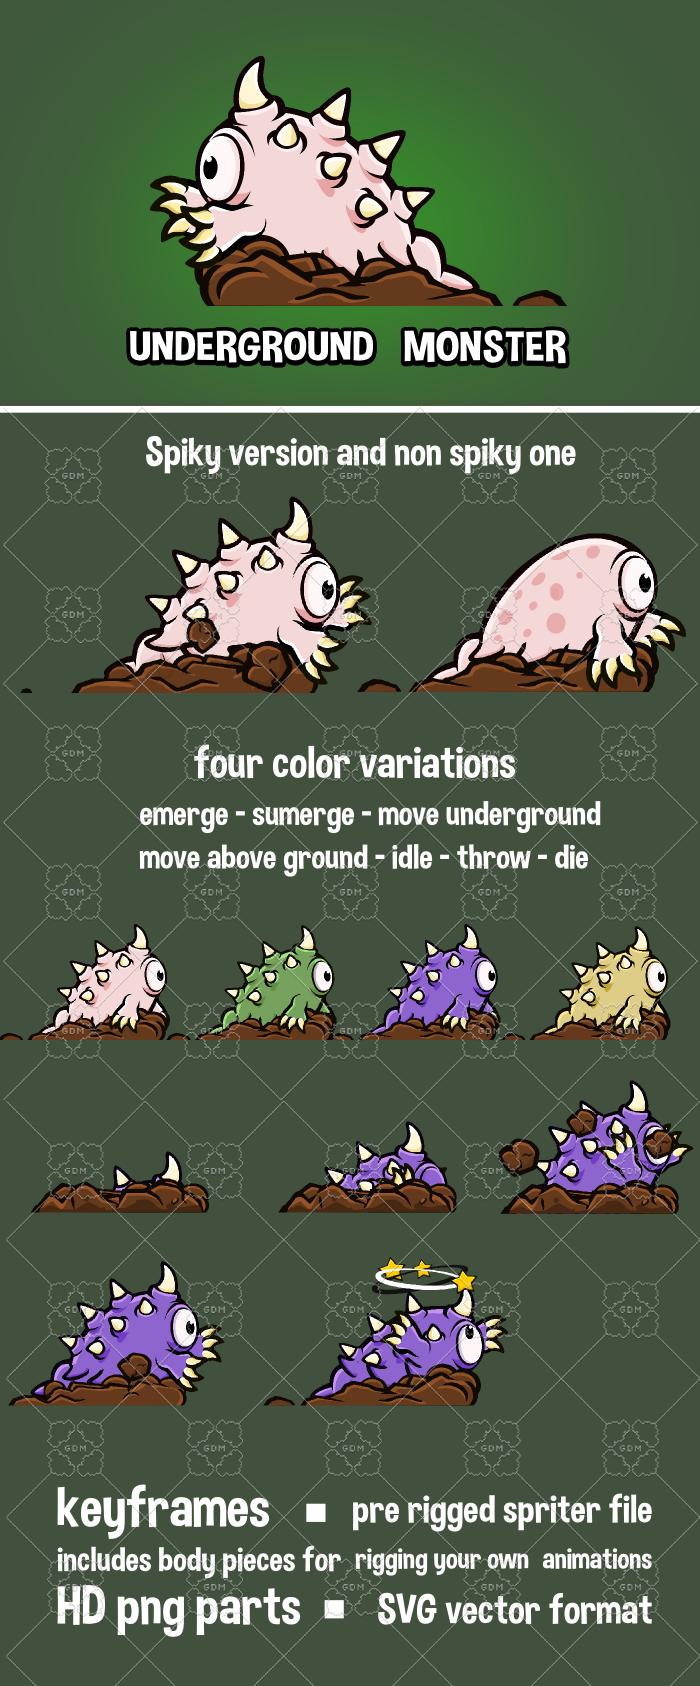 Underground monster